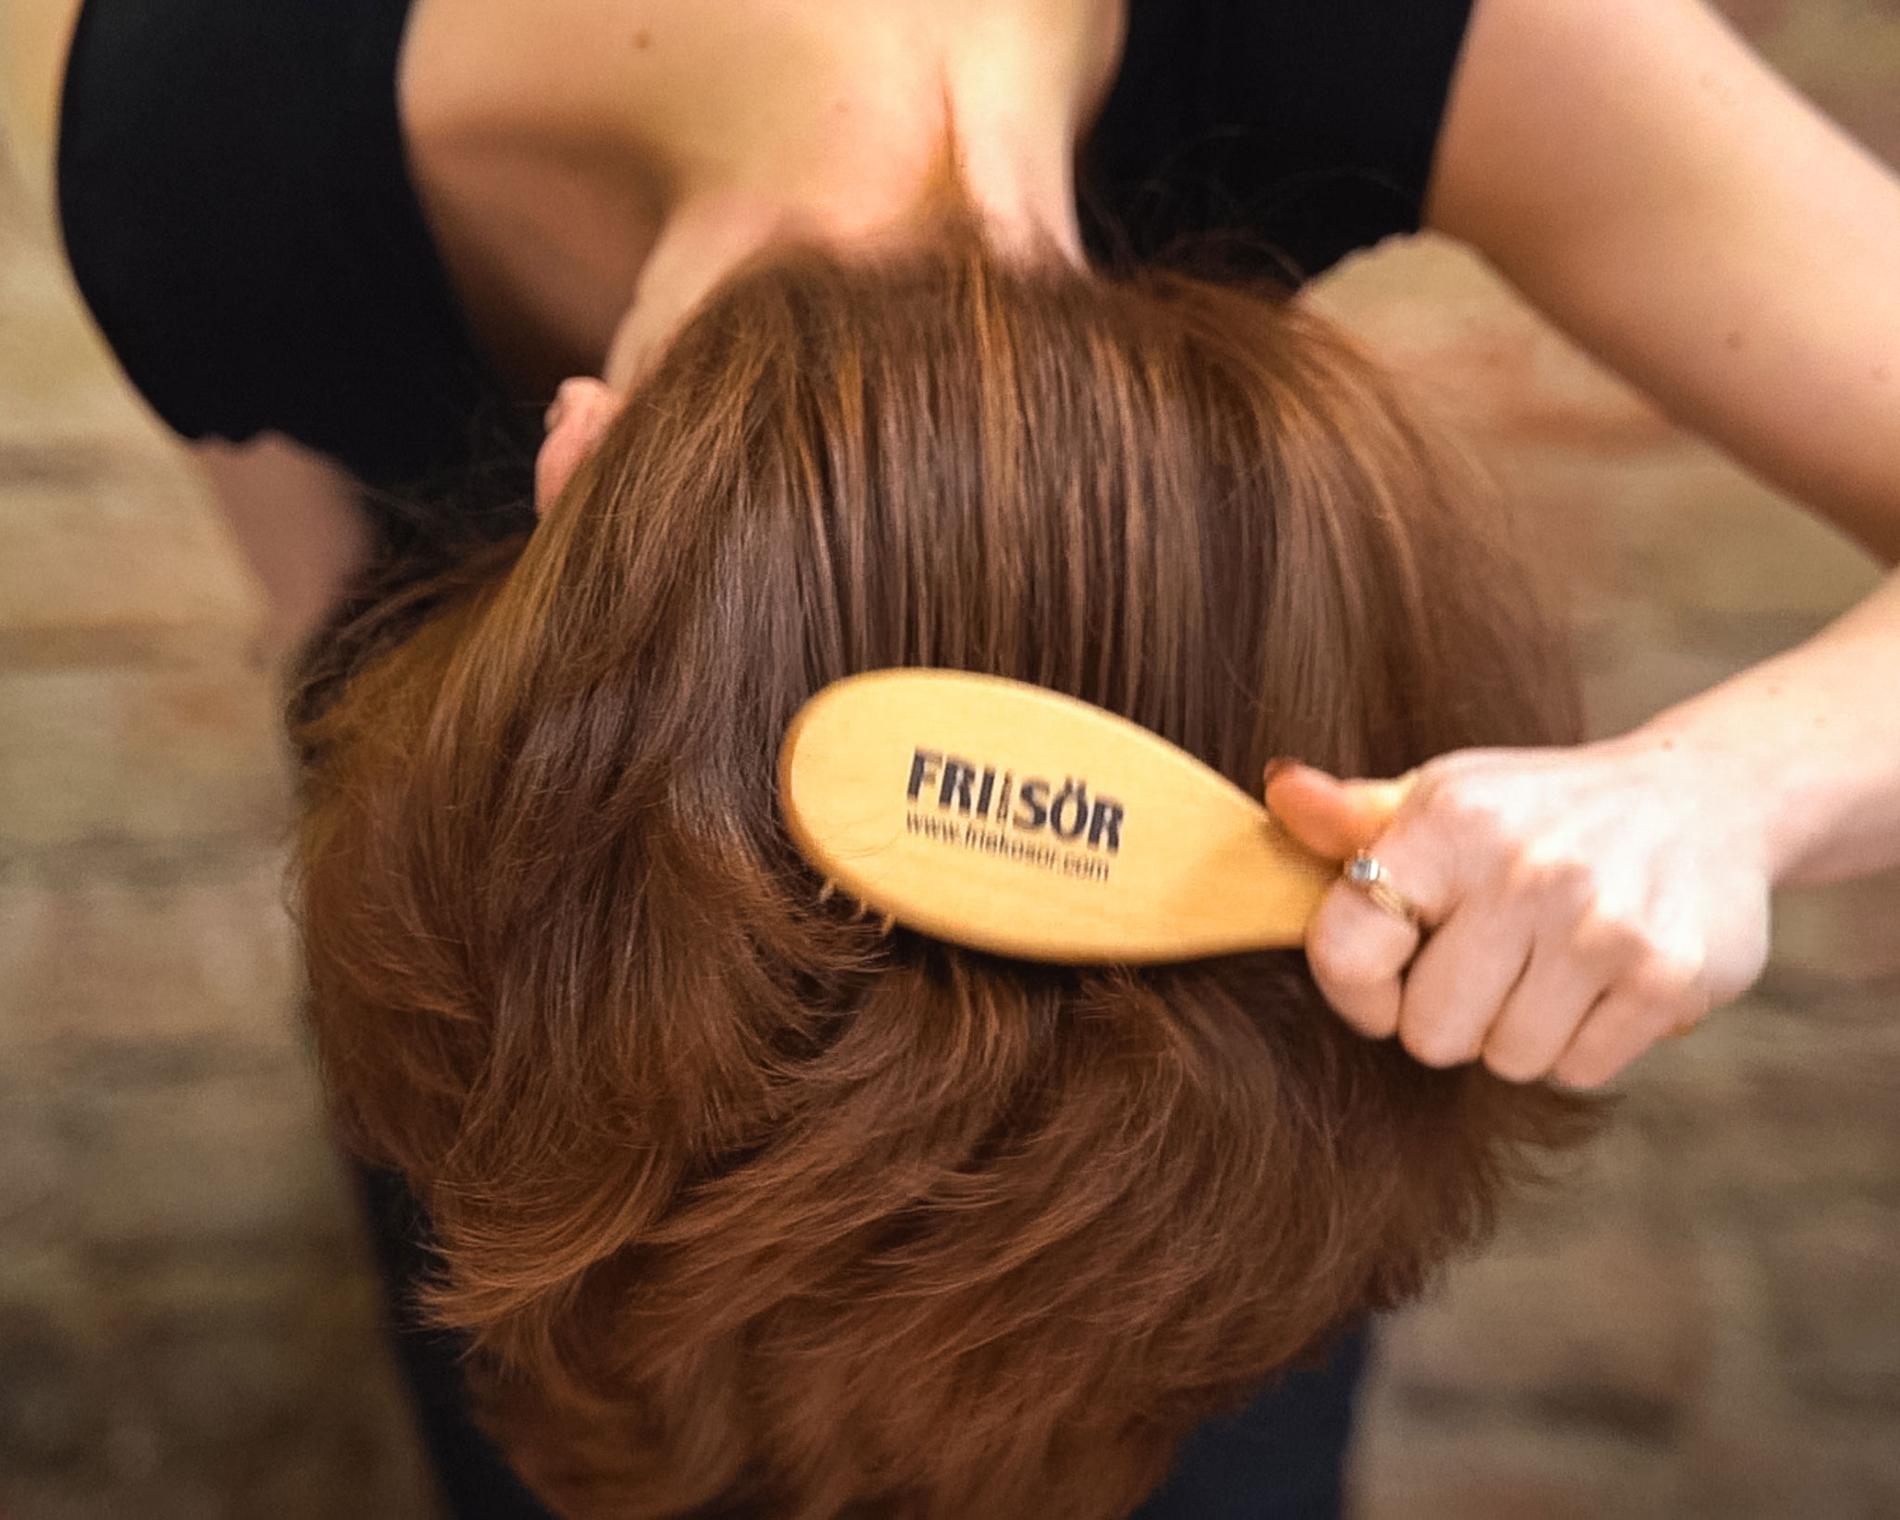 Borsta hårbotten med massageborsten varje kväll. 60 - 100 tag. Börja borsta på sidorna och sedan hjässan. För bättre effekt luta huvudet framåt och borsta, så att blodet lättare tar sig till hårbotten.